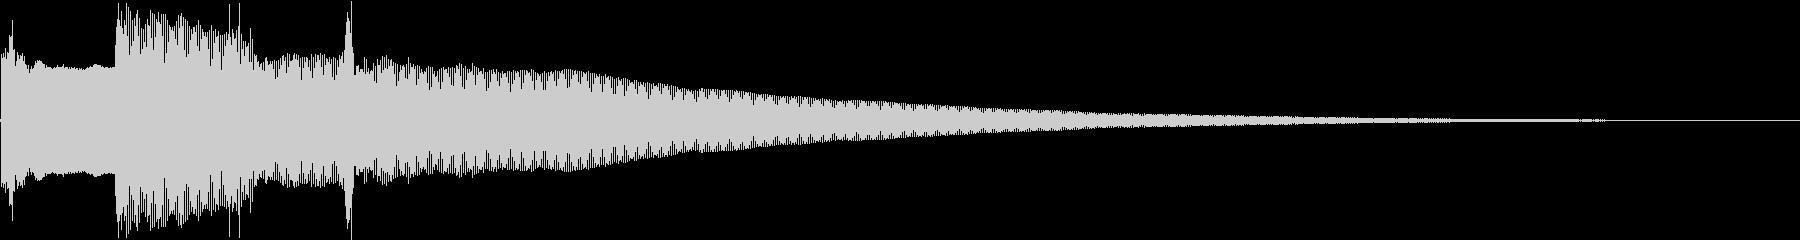 クイズ正解ピンポンピンポーンベルの未再生の波形